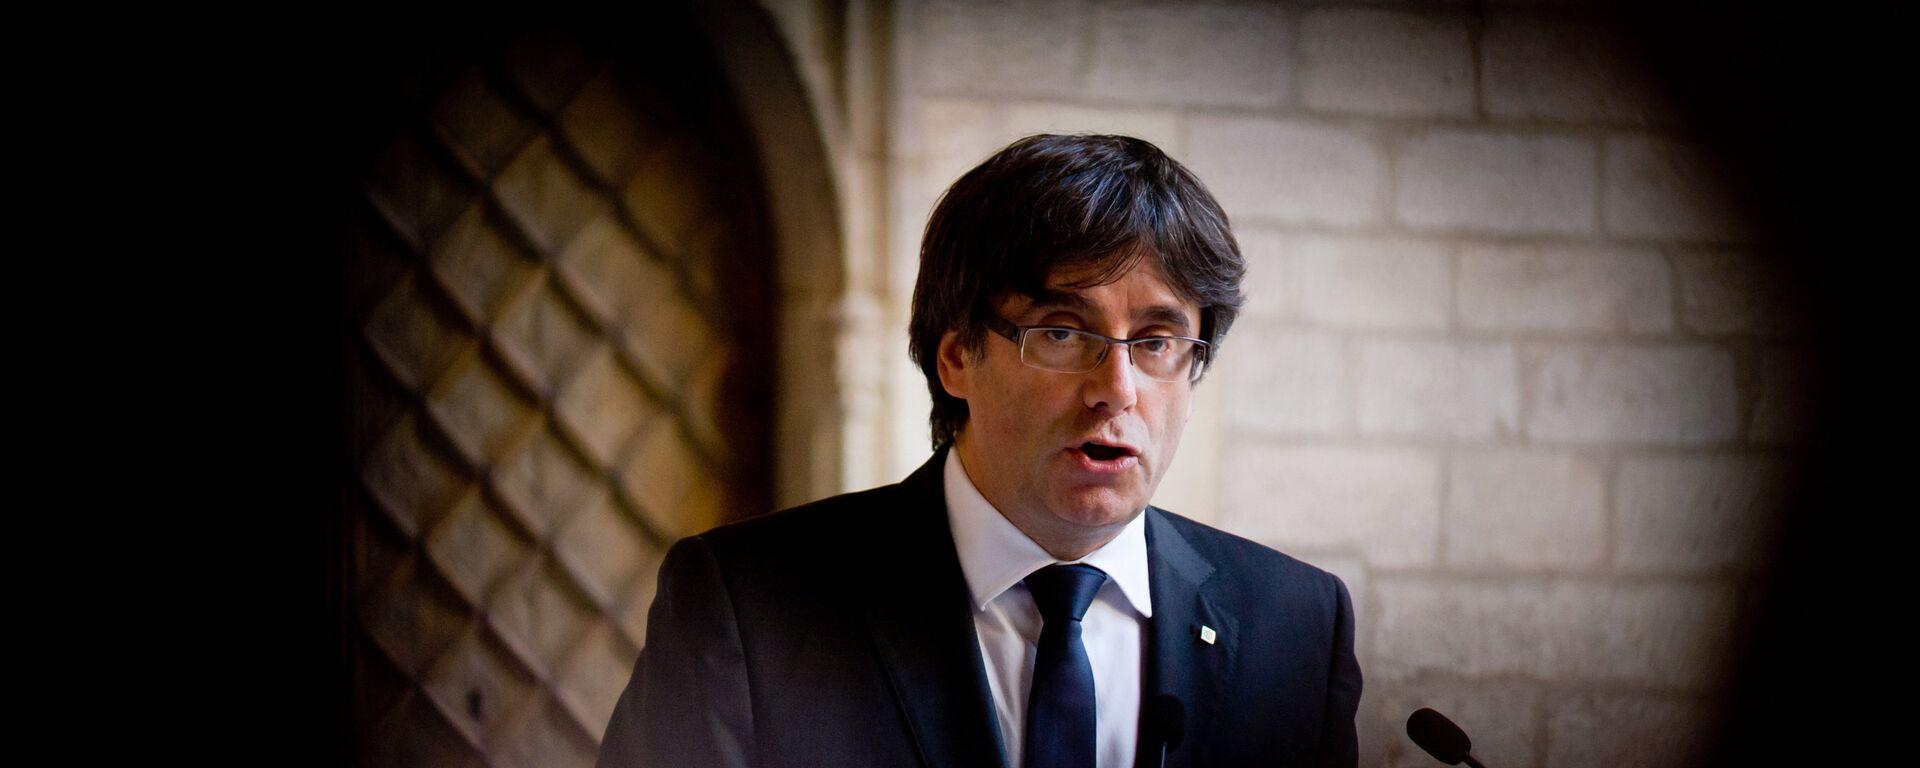 Carles Puigdemont, el expresidente del Gobierno catalán - Sputnik Mundo, 1920, 29.04.2019